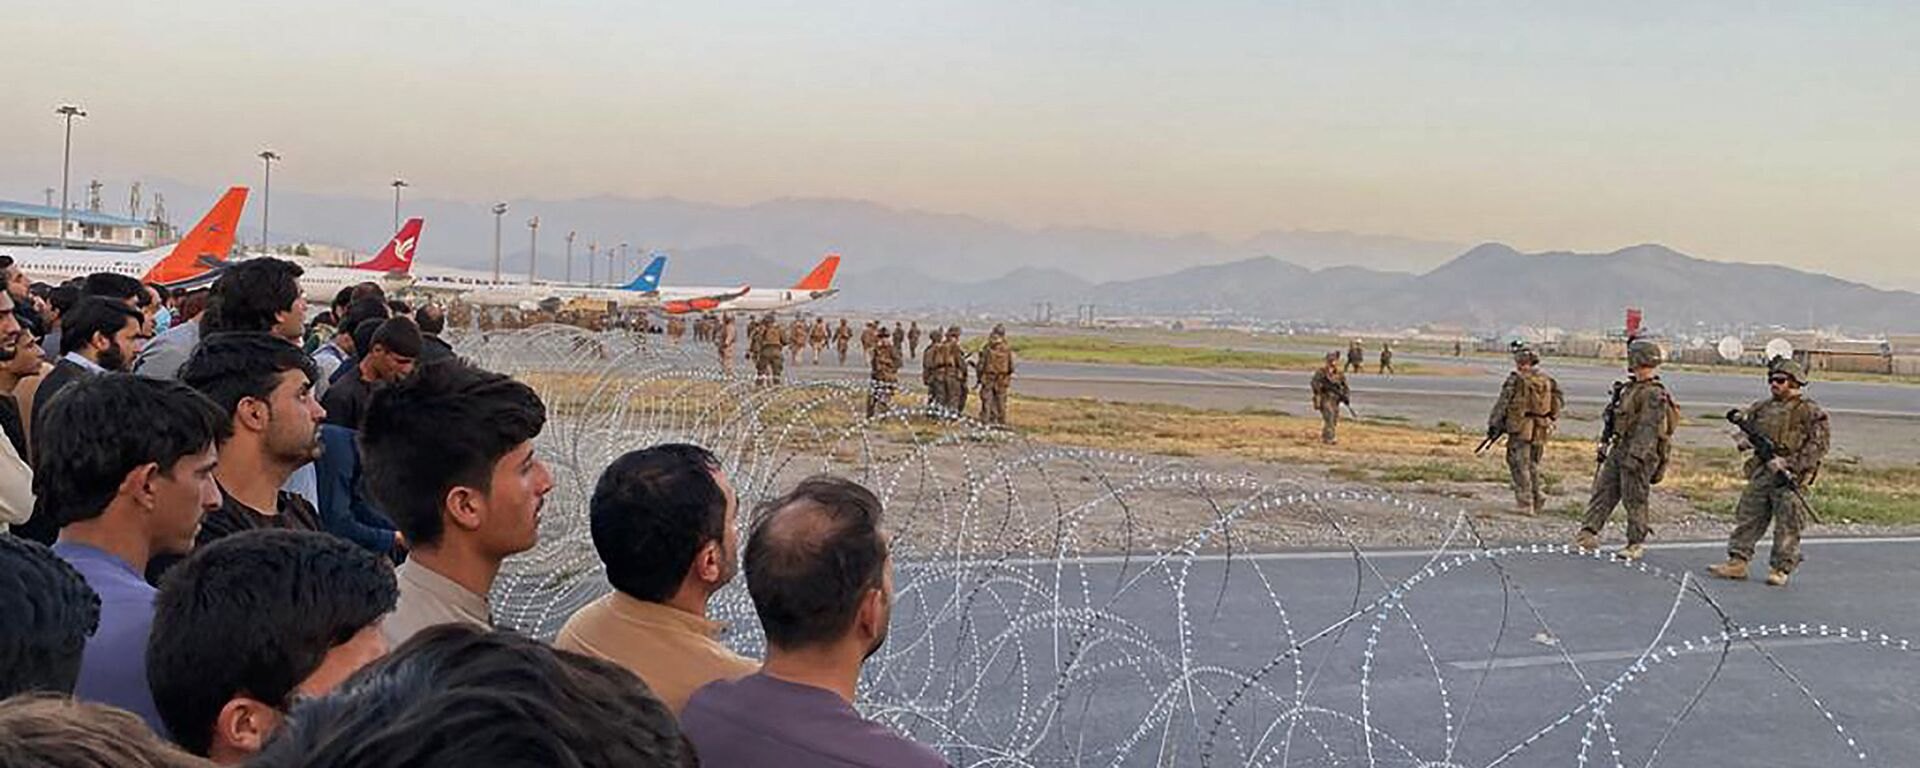 Американские солдаты в аэропорту Кабула  - Sputnik Italia, 1920, 16.08.2021